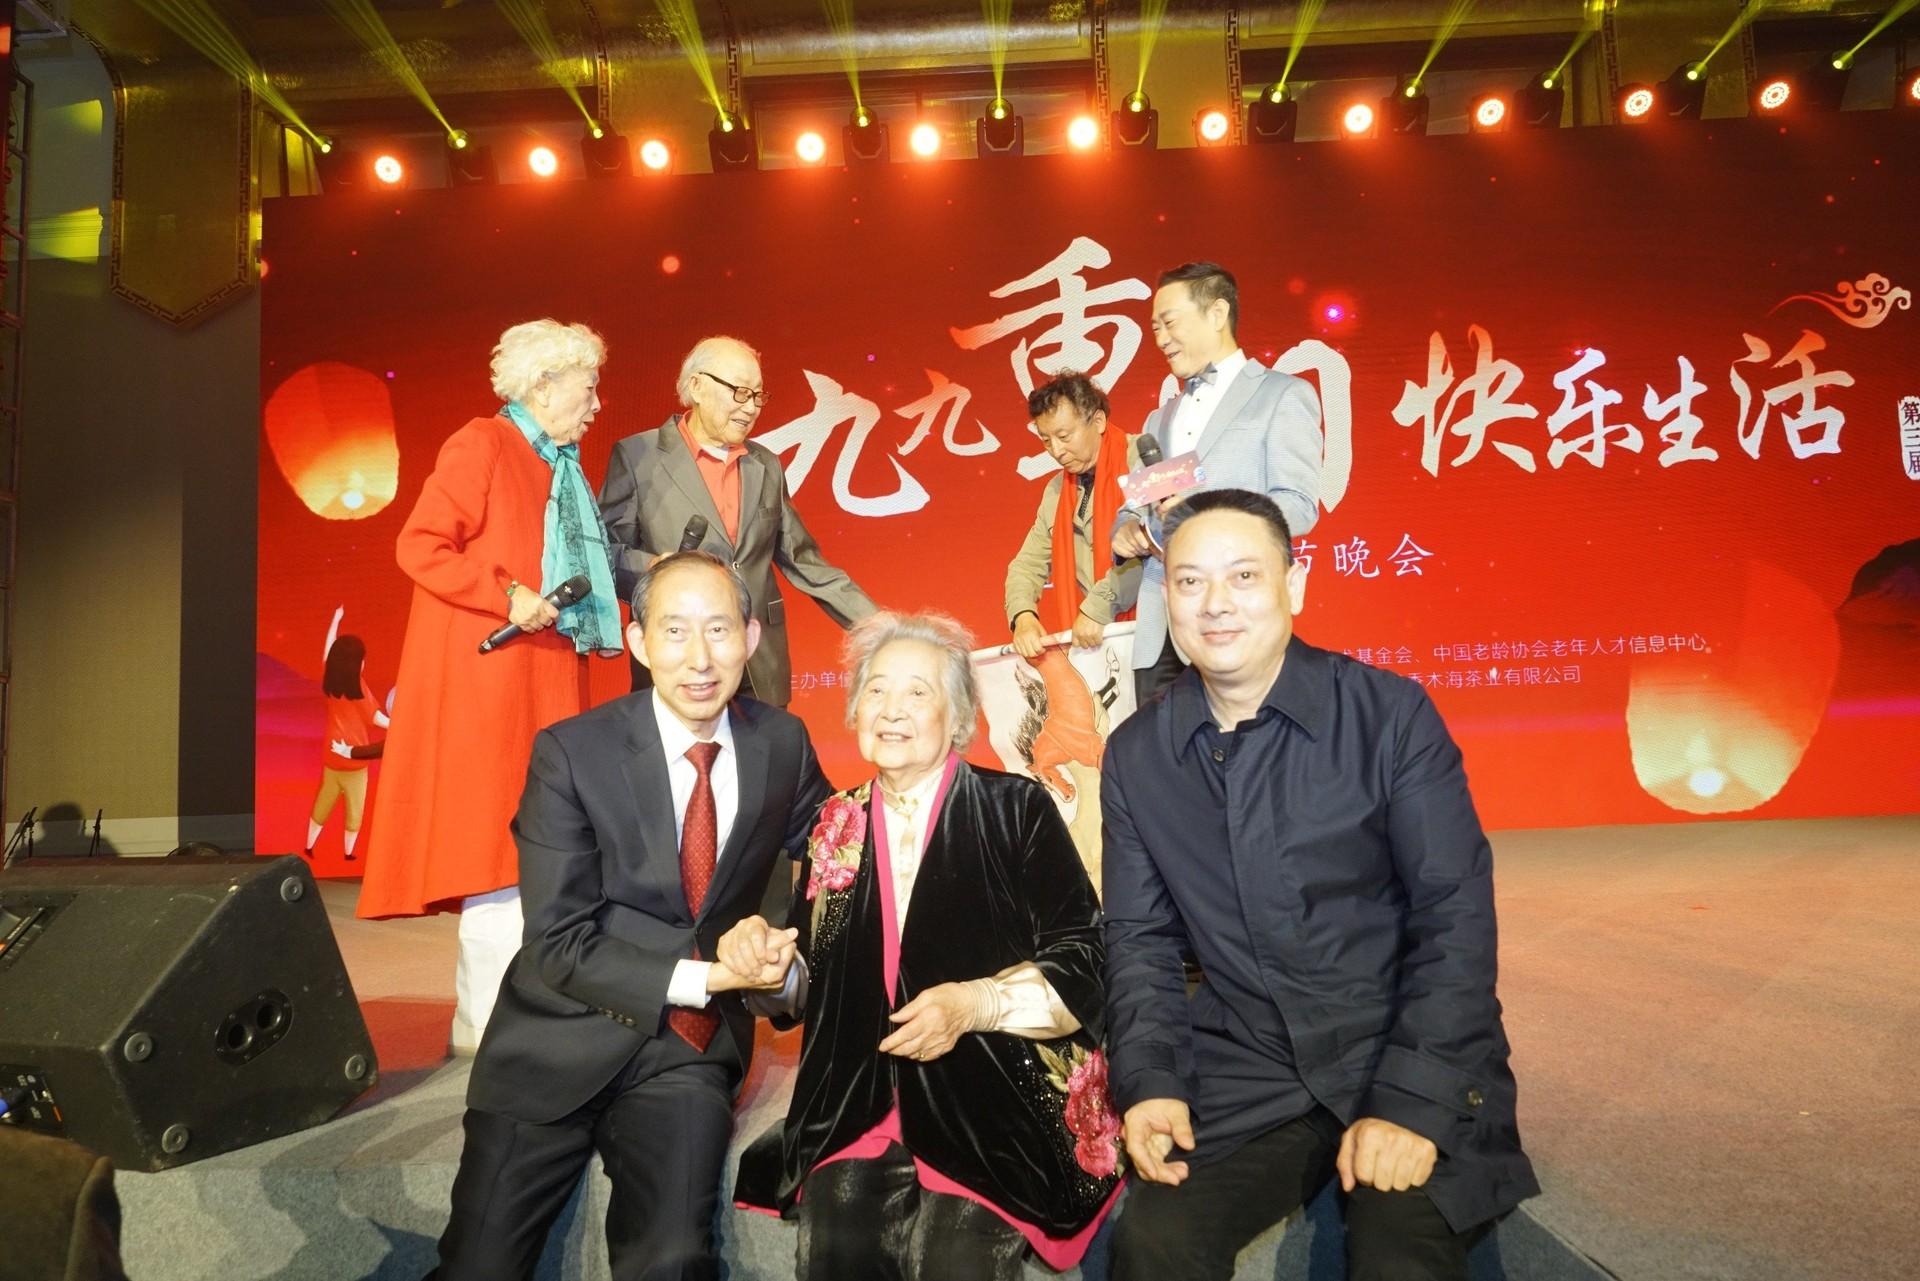 """香木海安化黑茶应邀参加""""九九重阳•快乐生活""""文艺晚会,广受欢迎"""